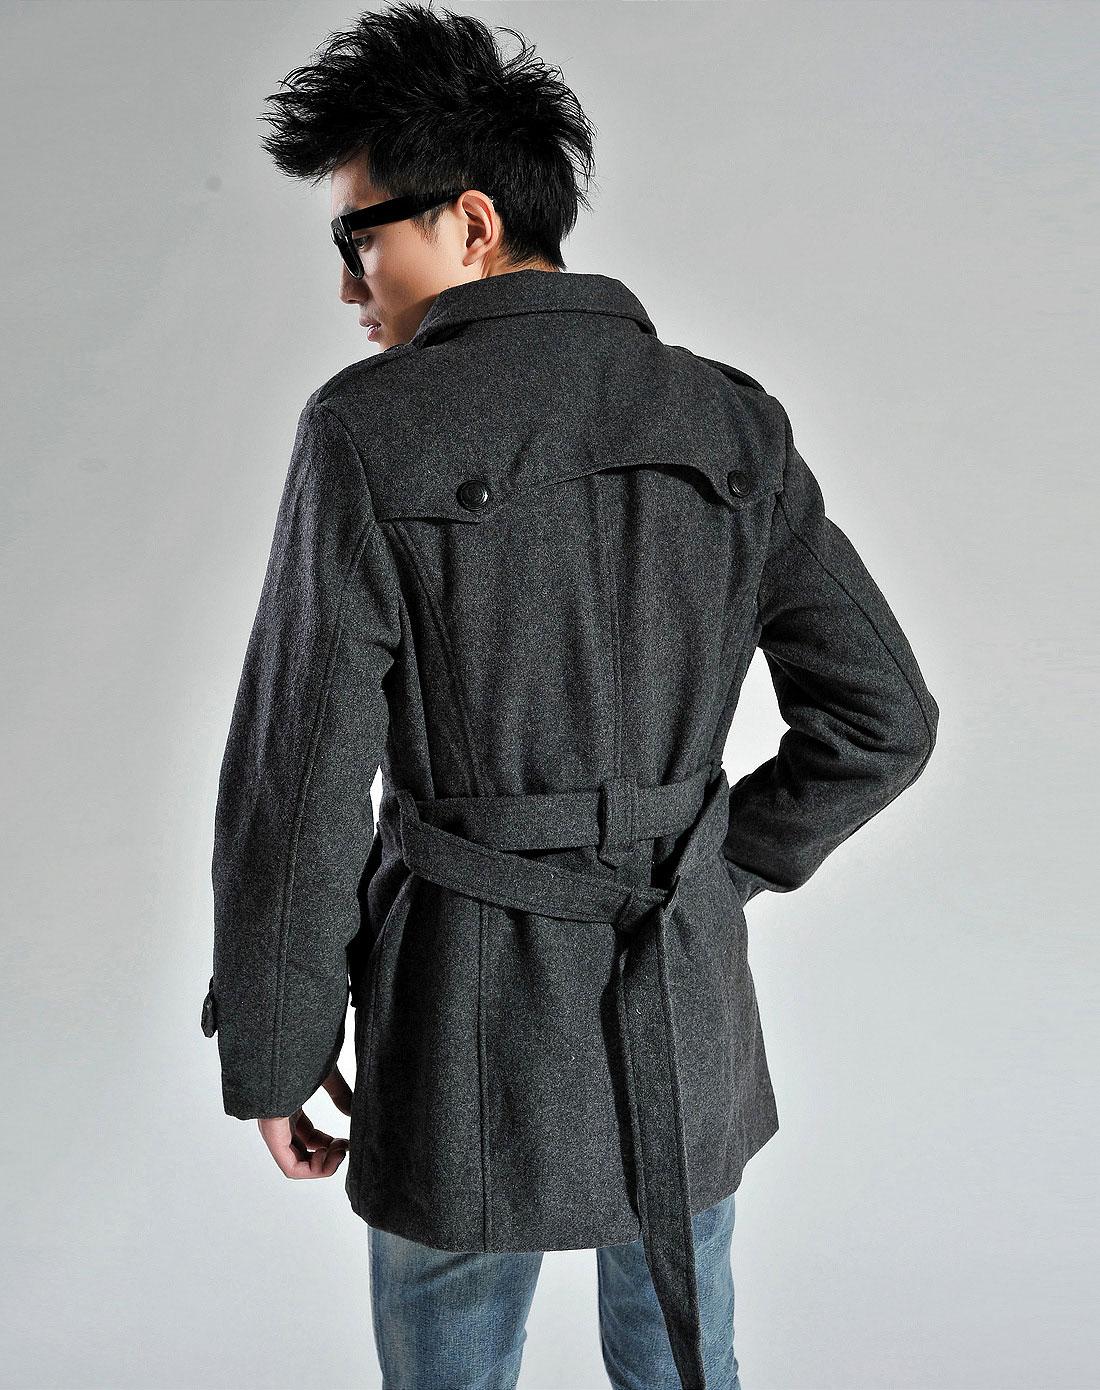 欧莱诺olomo男装专场-男灰色男款风衣式呢料大衣